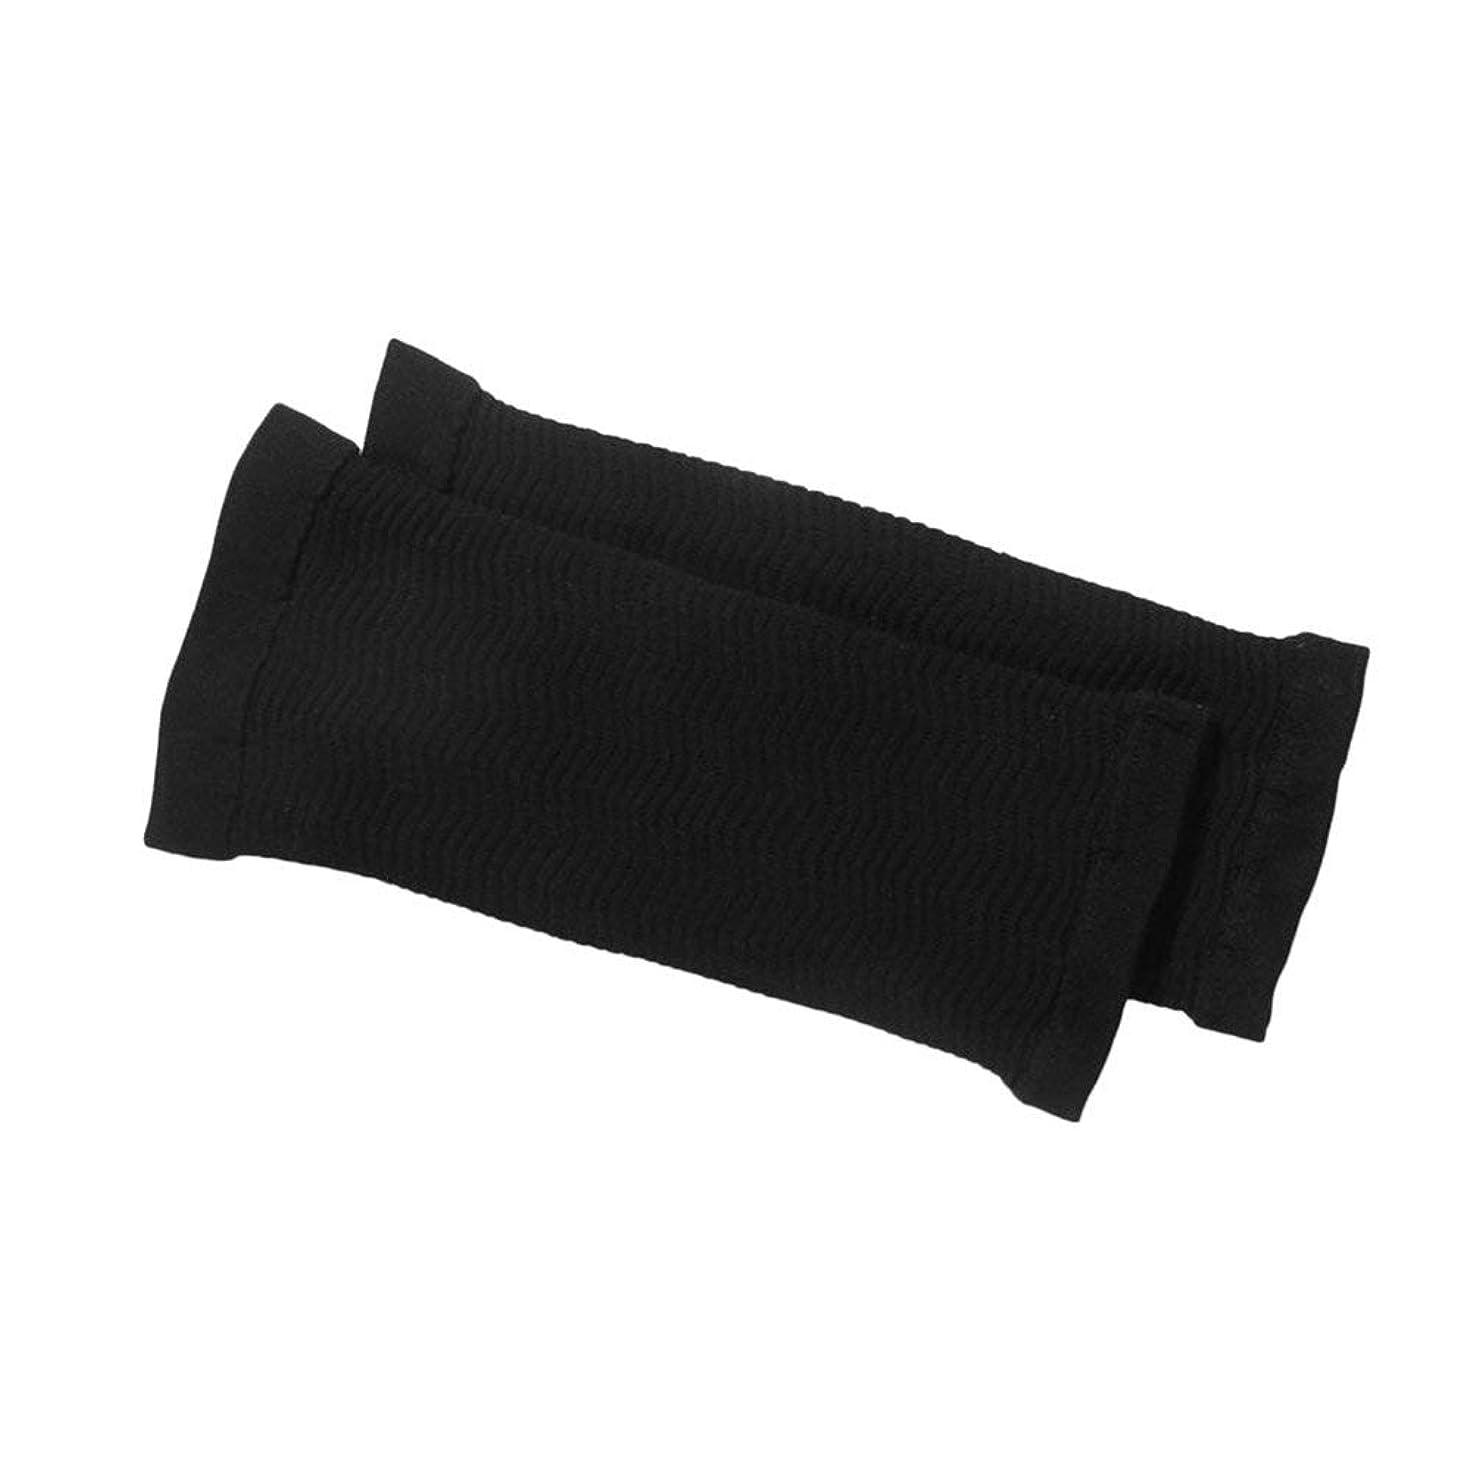 欺講師床を掃除する1ペア420 D圧縮痩身アームスリーブワークアウトトーニングバーンセルライトシェイパー脂肪燃焼袖用女性 - 黒